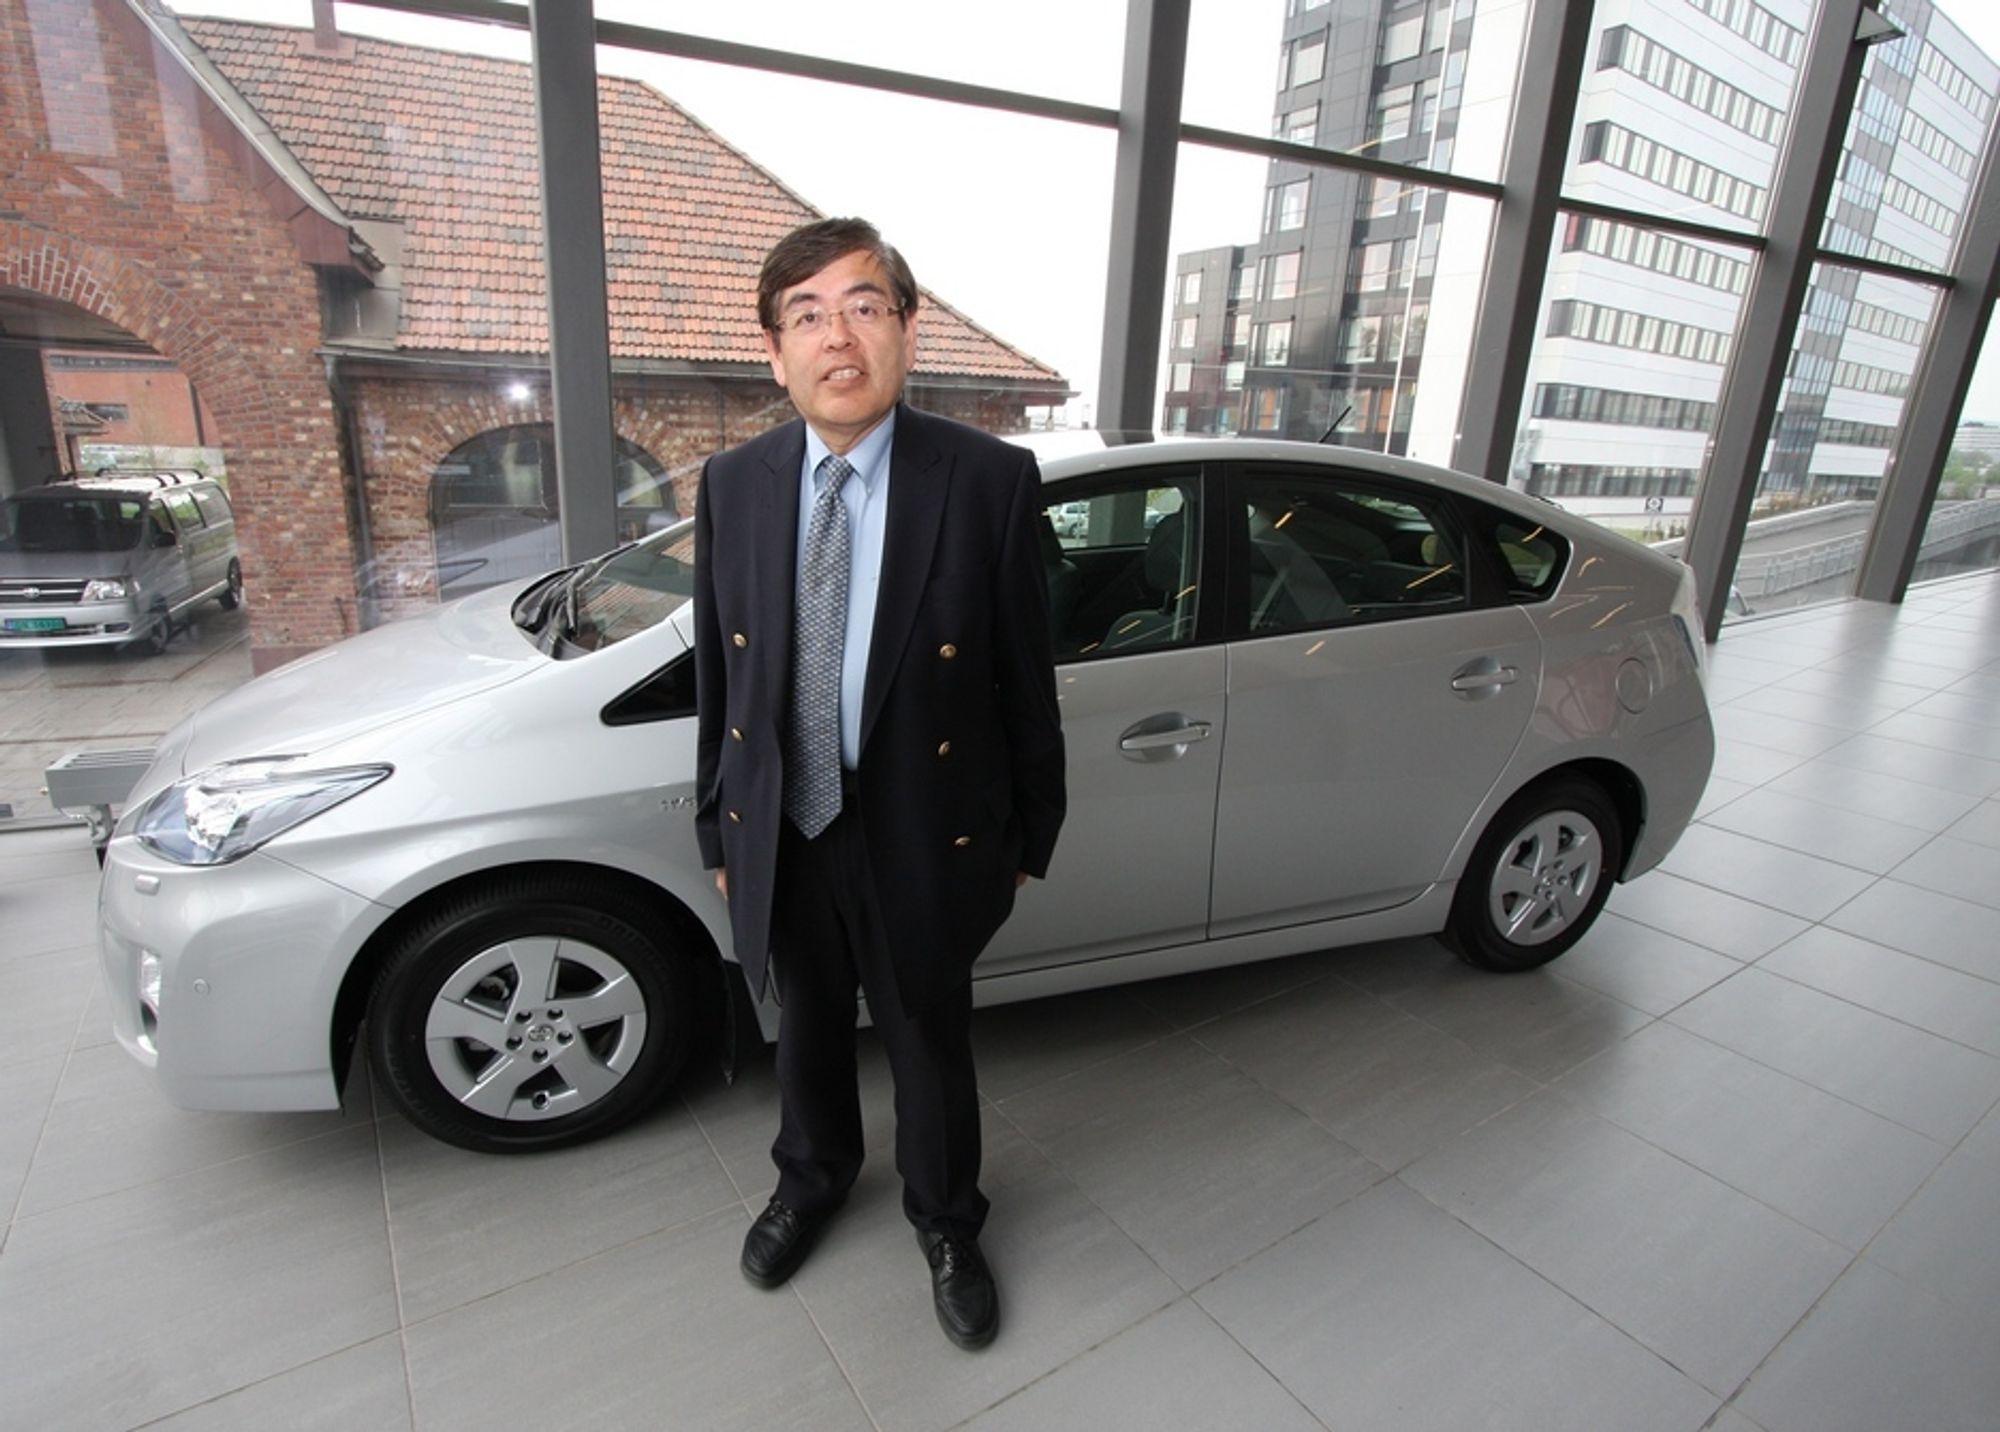 """HYDROGENGARANTI: - Det er slutt på den tiden der vi bilprodusenter lovet """"hydrogenbil om fem år"""", får så å komme med samme beskjed fem år etter, sier Katsuhiko Hirose."""